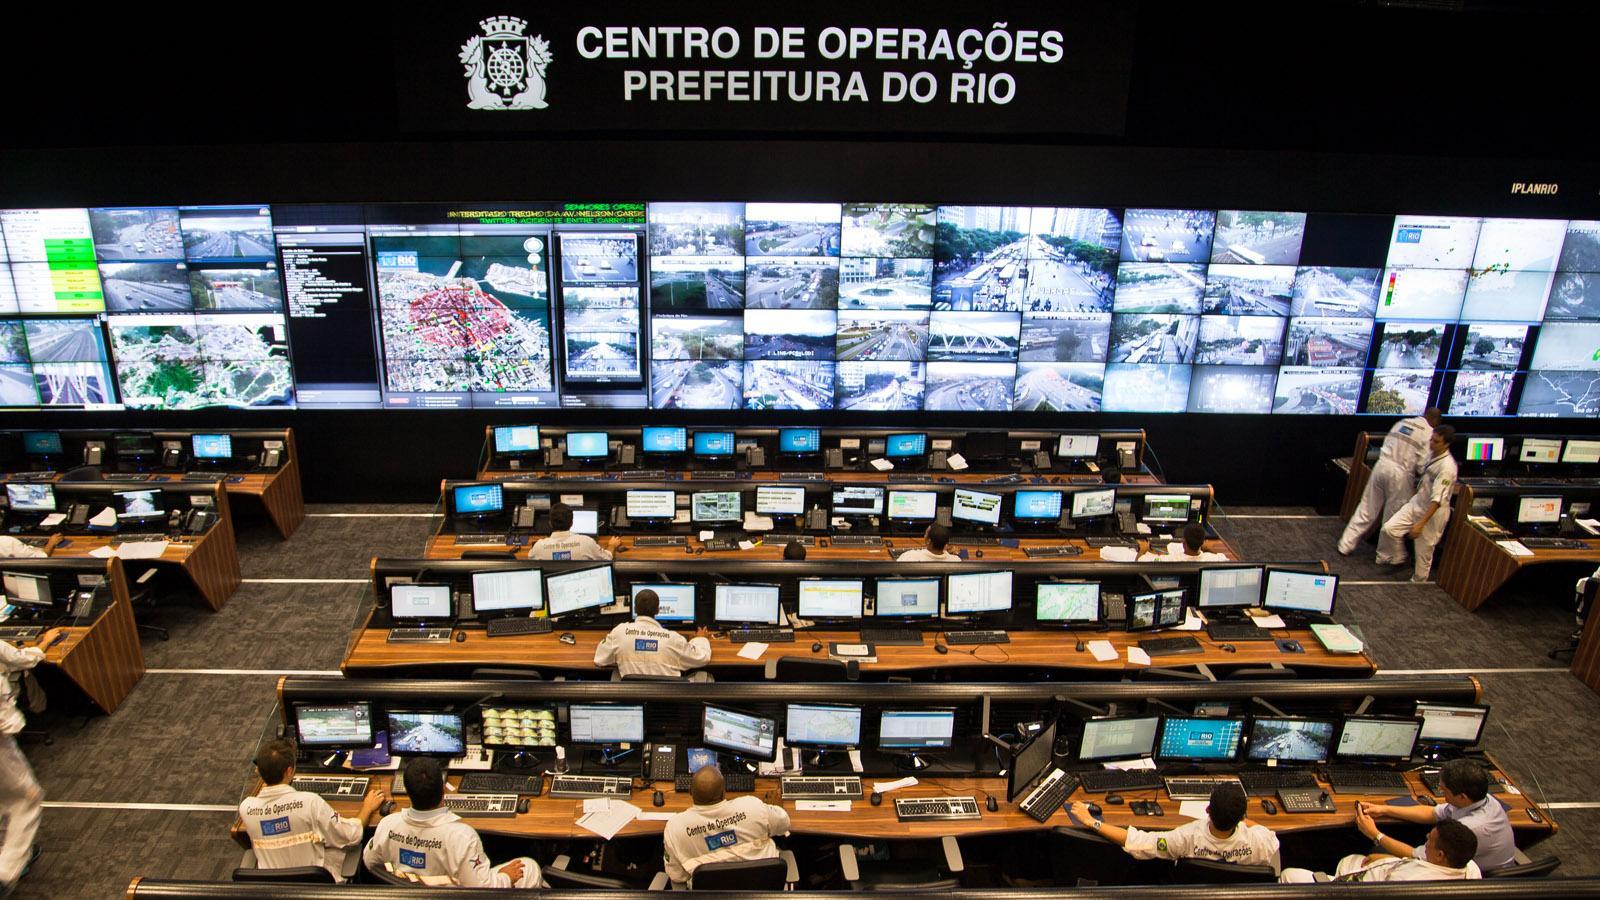 Centro de Operações Rio tem o quarto chefe em oito meses | VEJA RIO